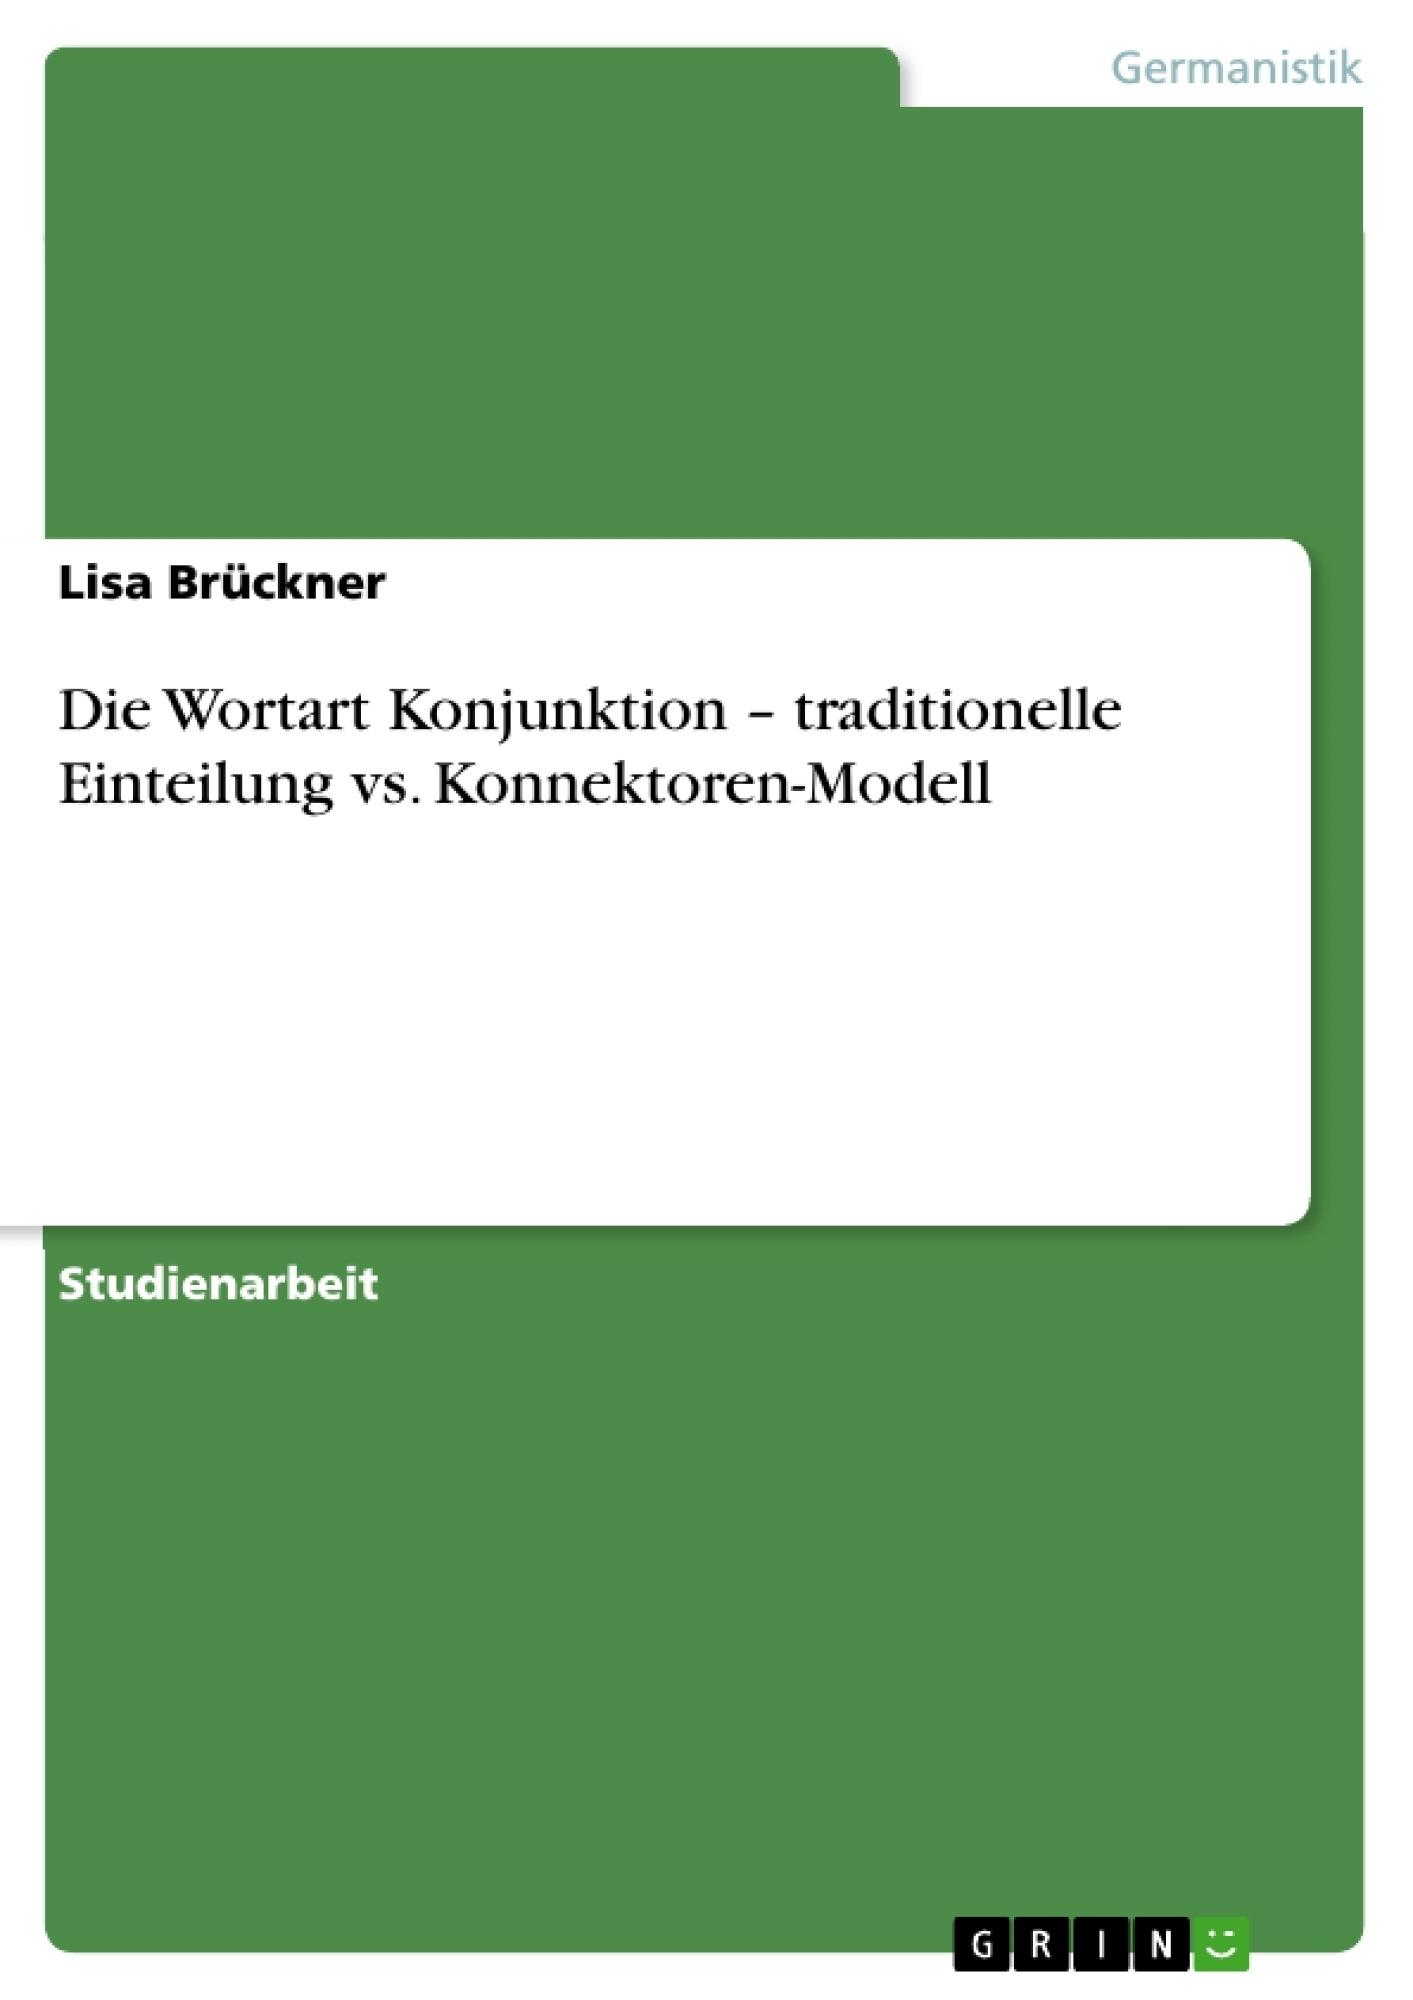 Titel: Die Wortart Konjunktion – traditionelle Einteilung vs. Konnektoren-Modell